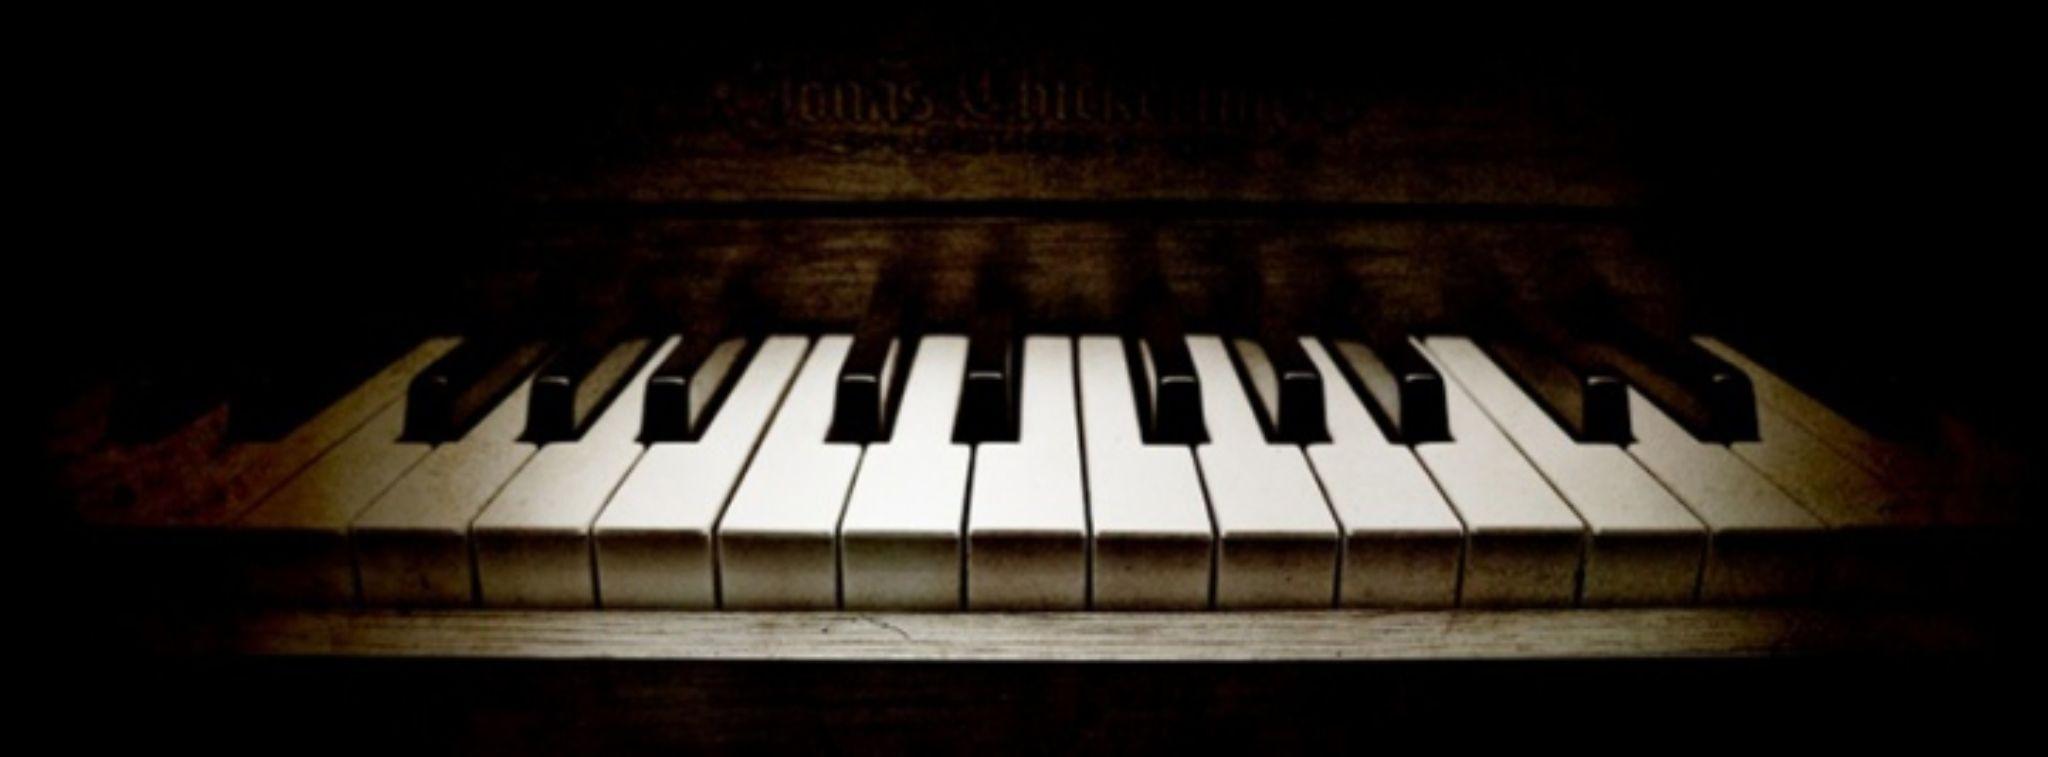 Piano by PhotographyNa.